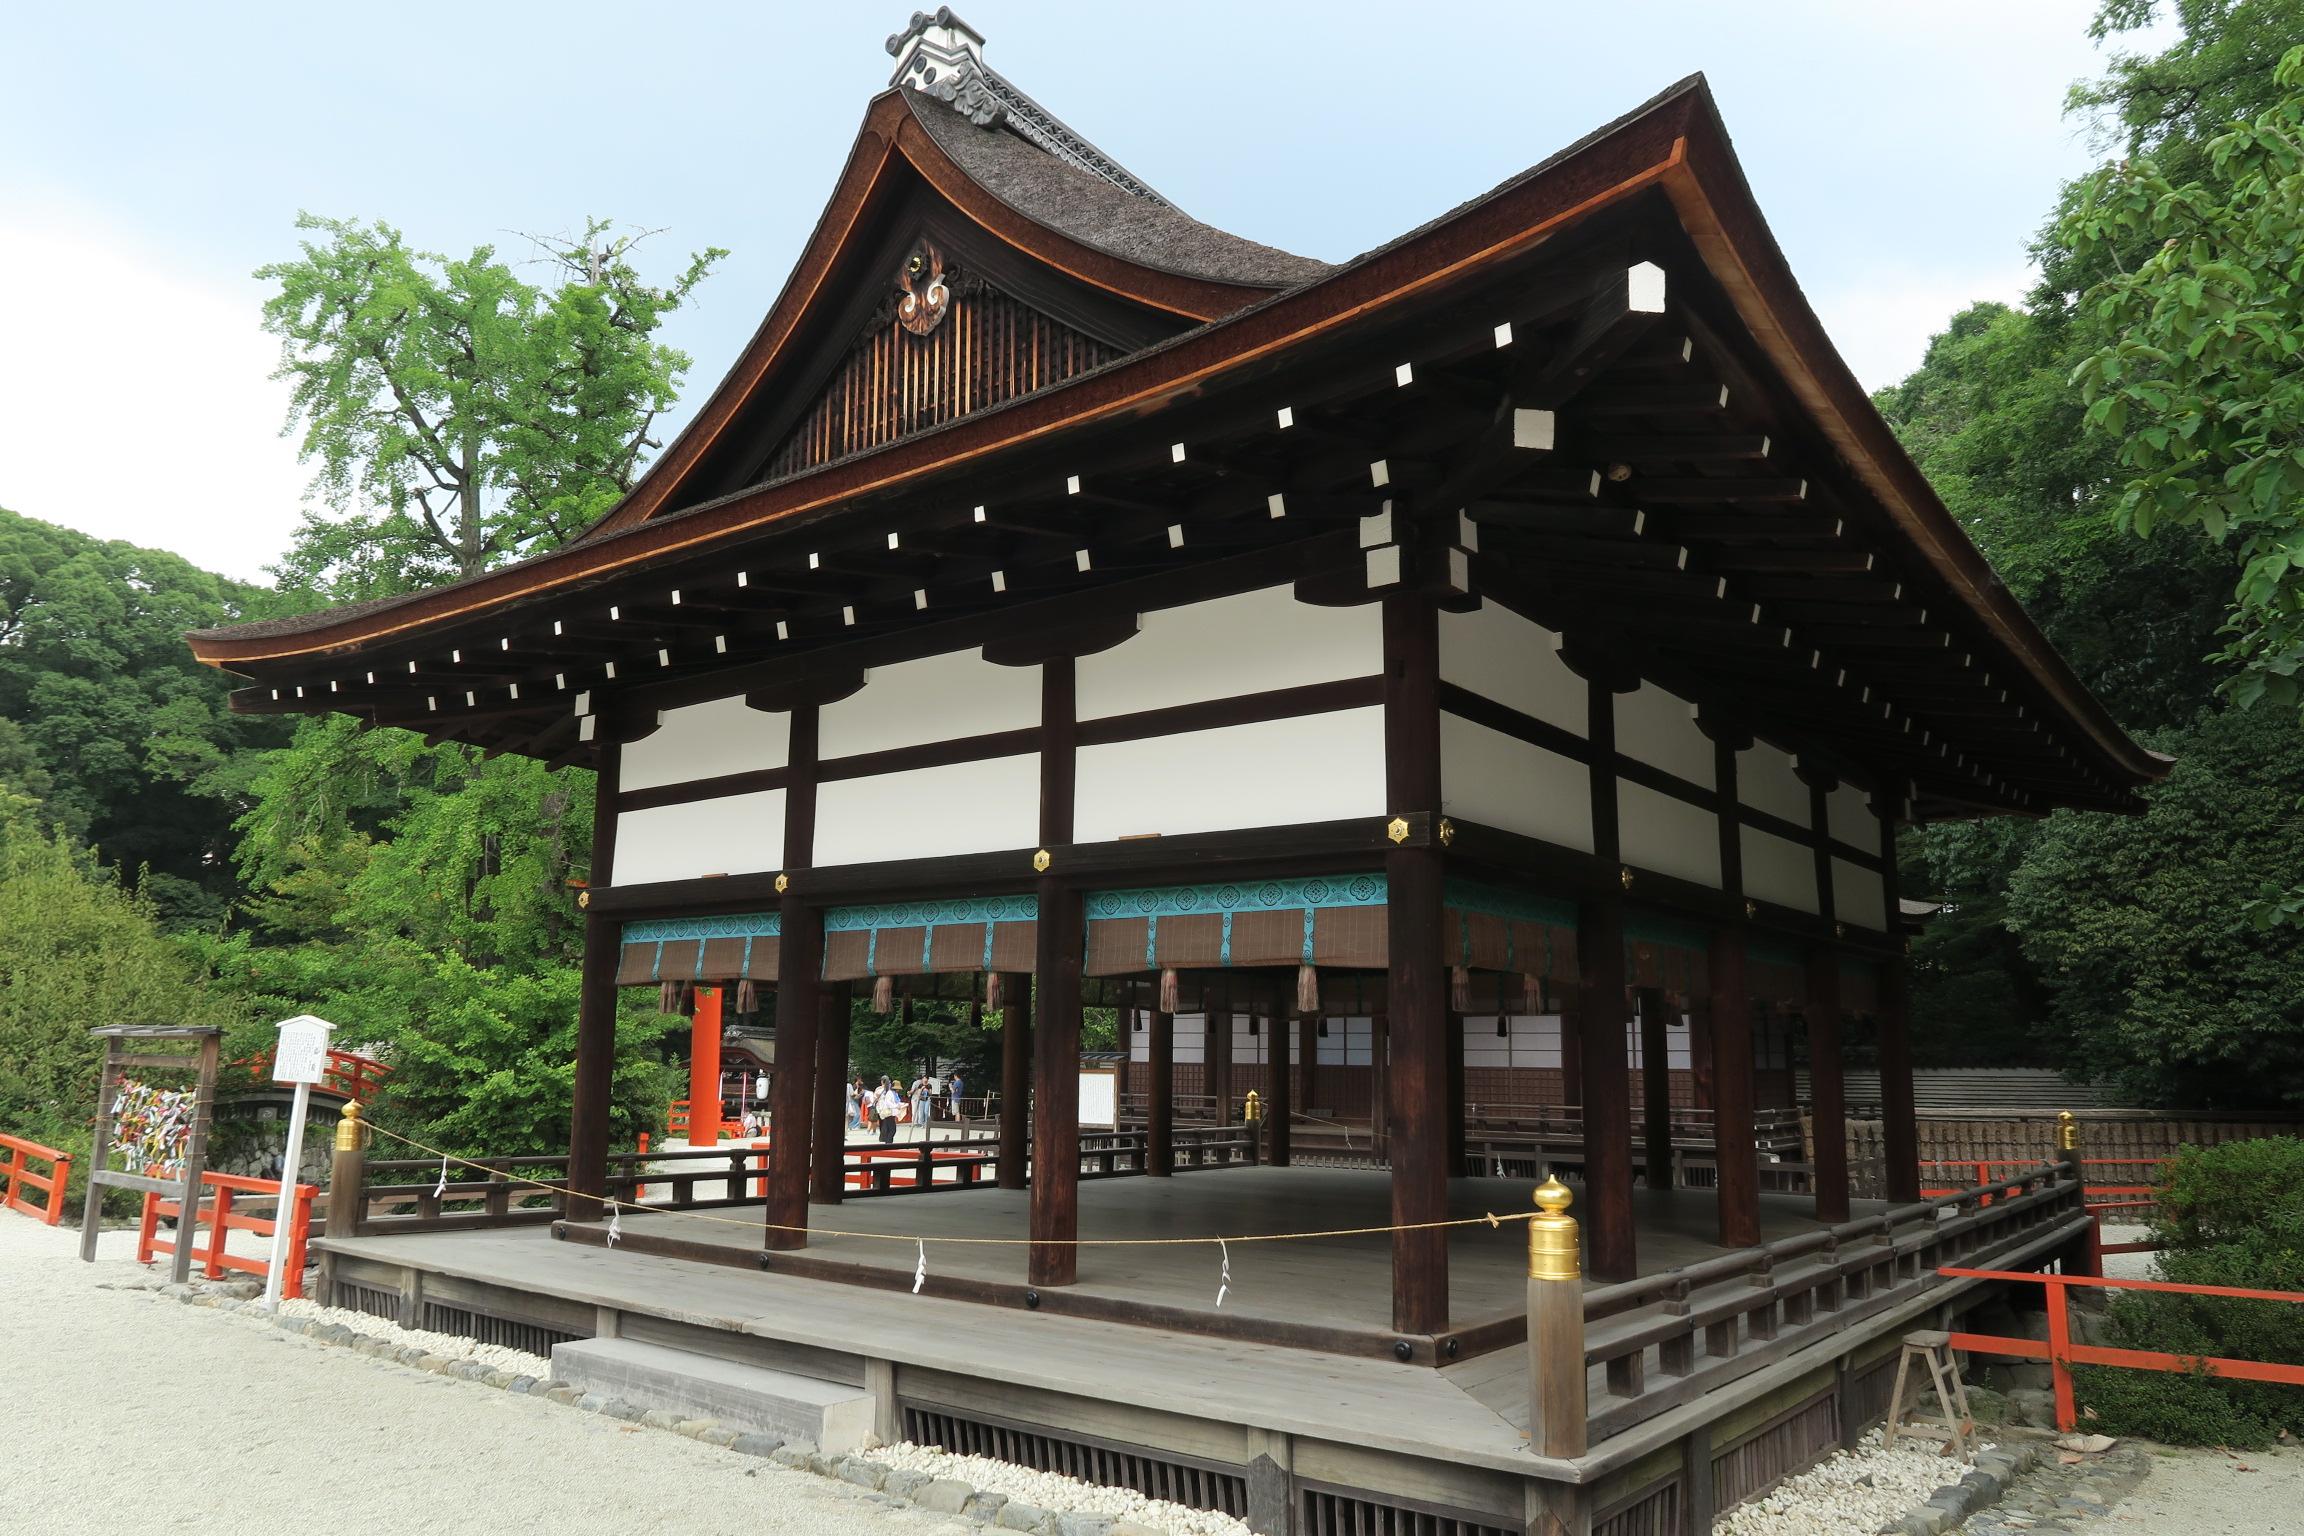 橋殿(はしどの)。お月見やお正月の神事に神事芸能が奉納される社殿です。